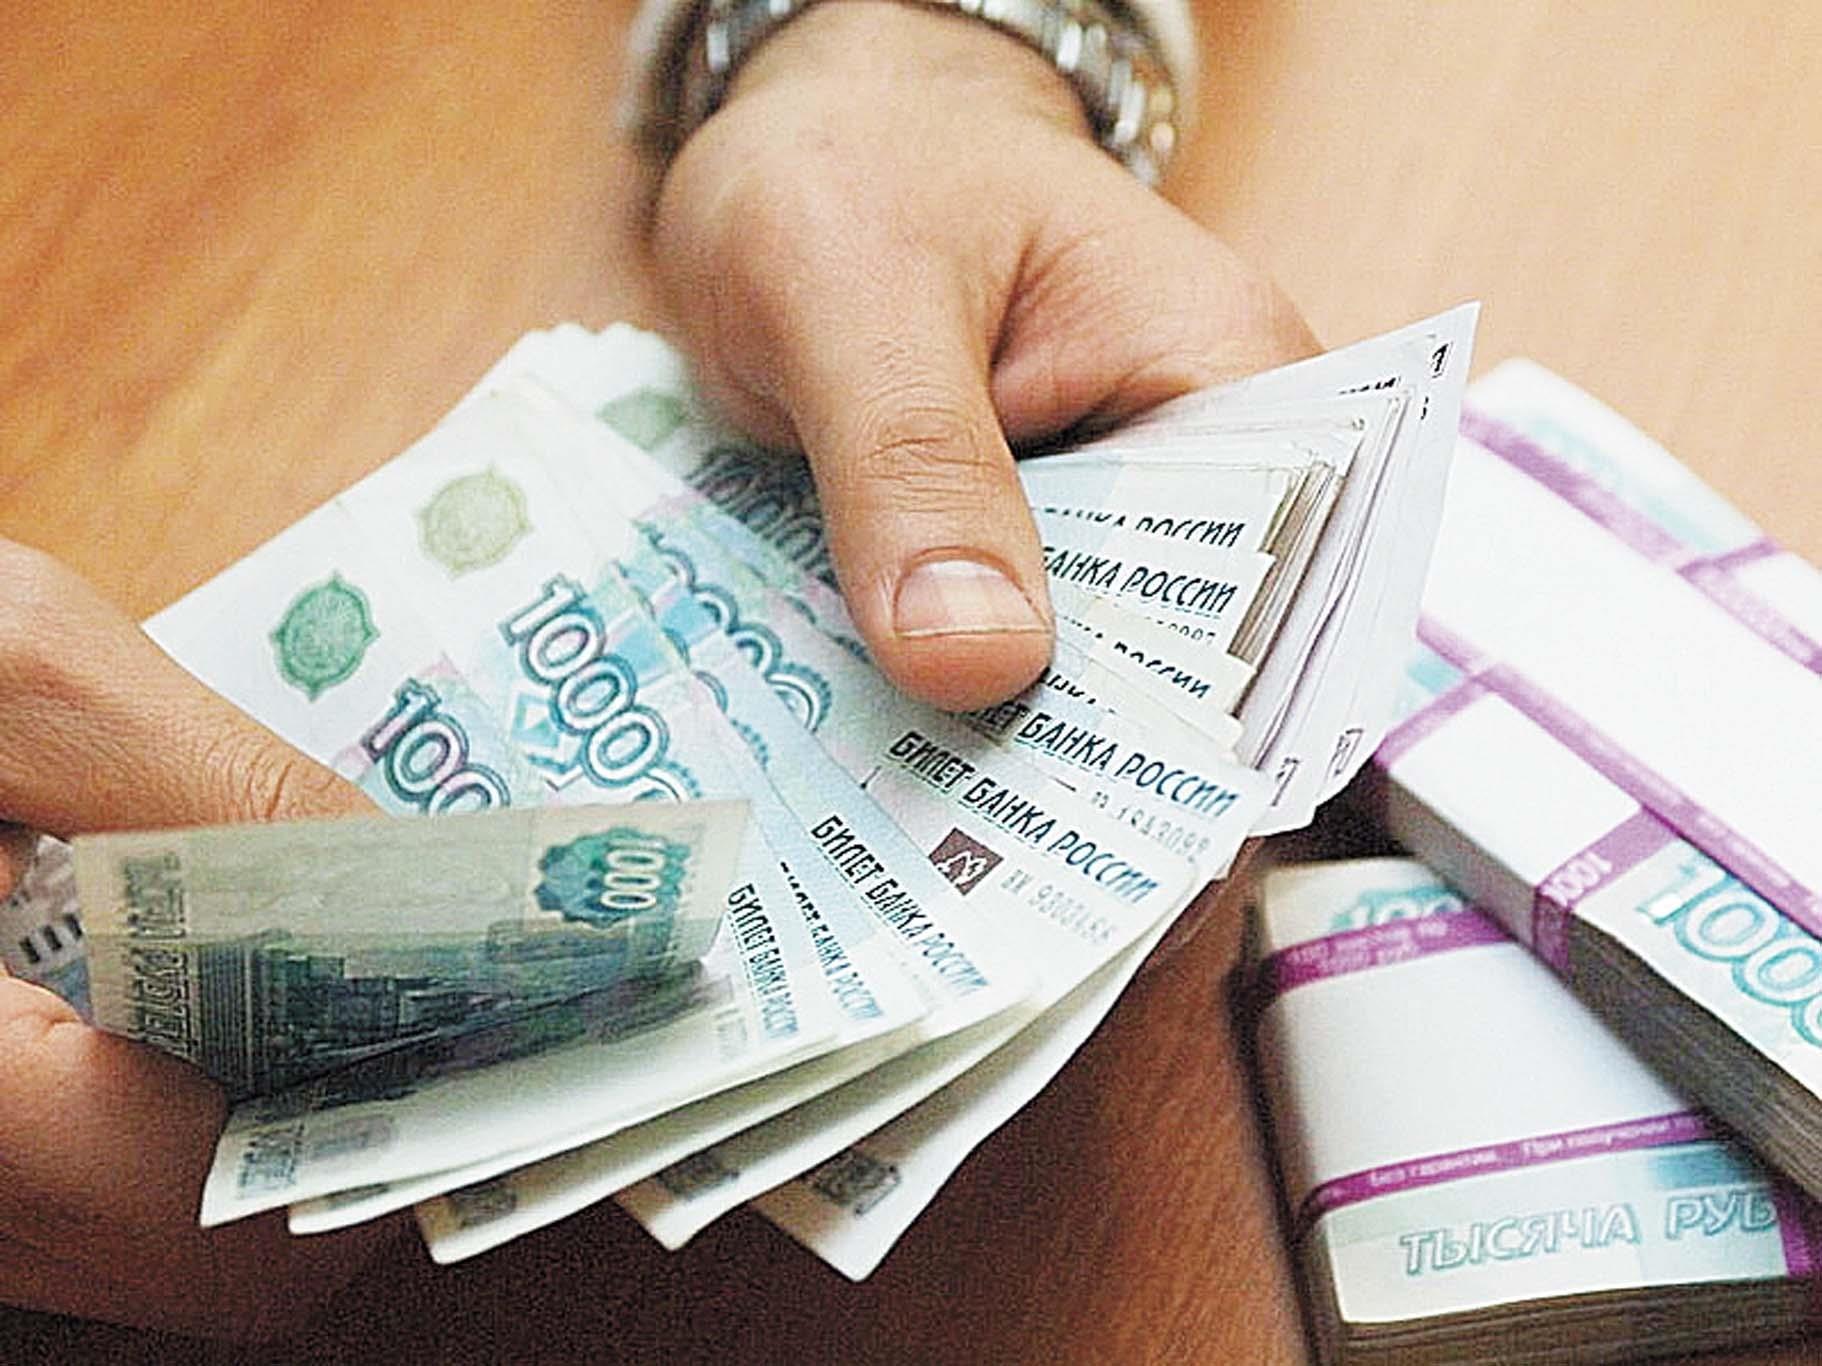 где взять 20 тыс рублей должнику сказать, что